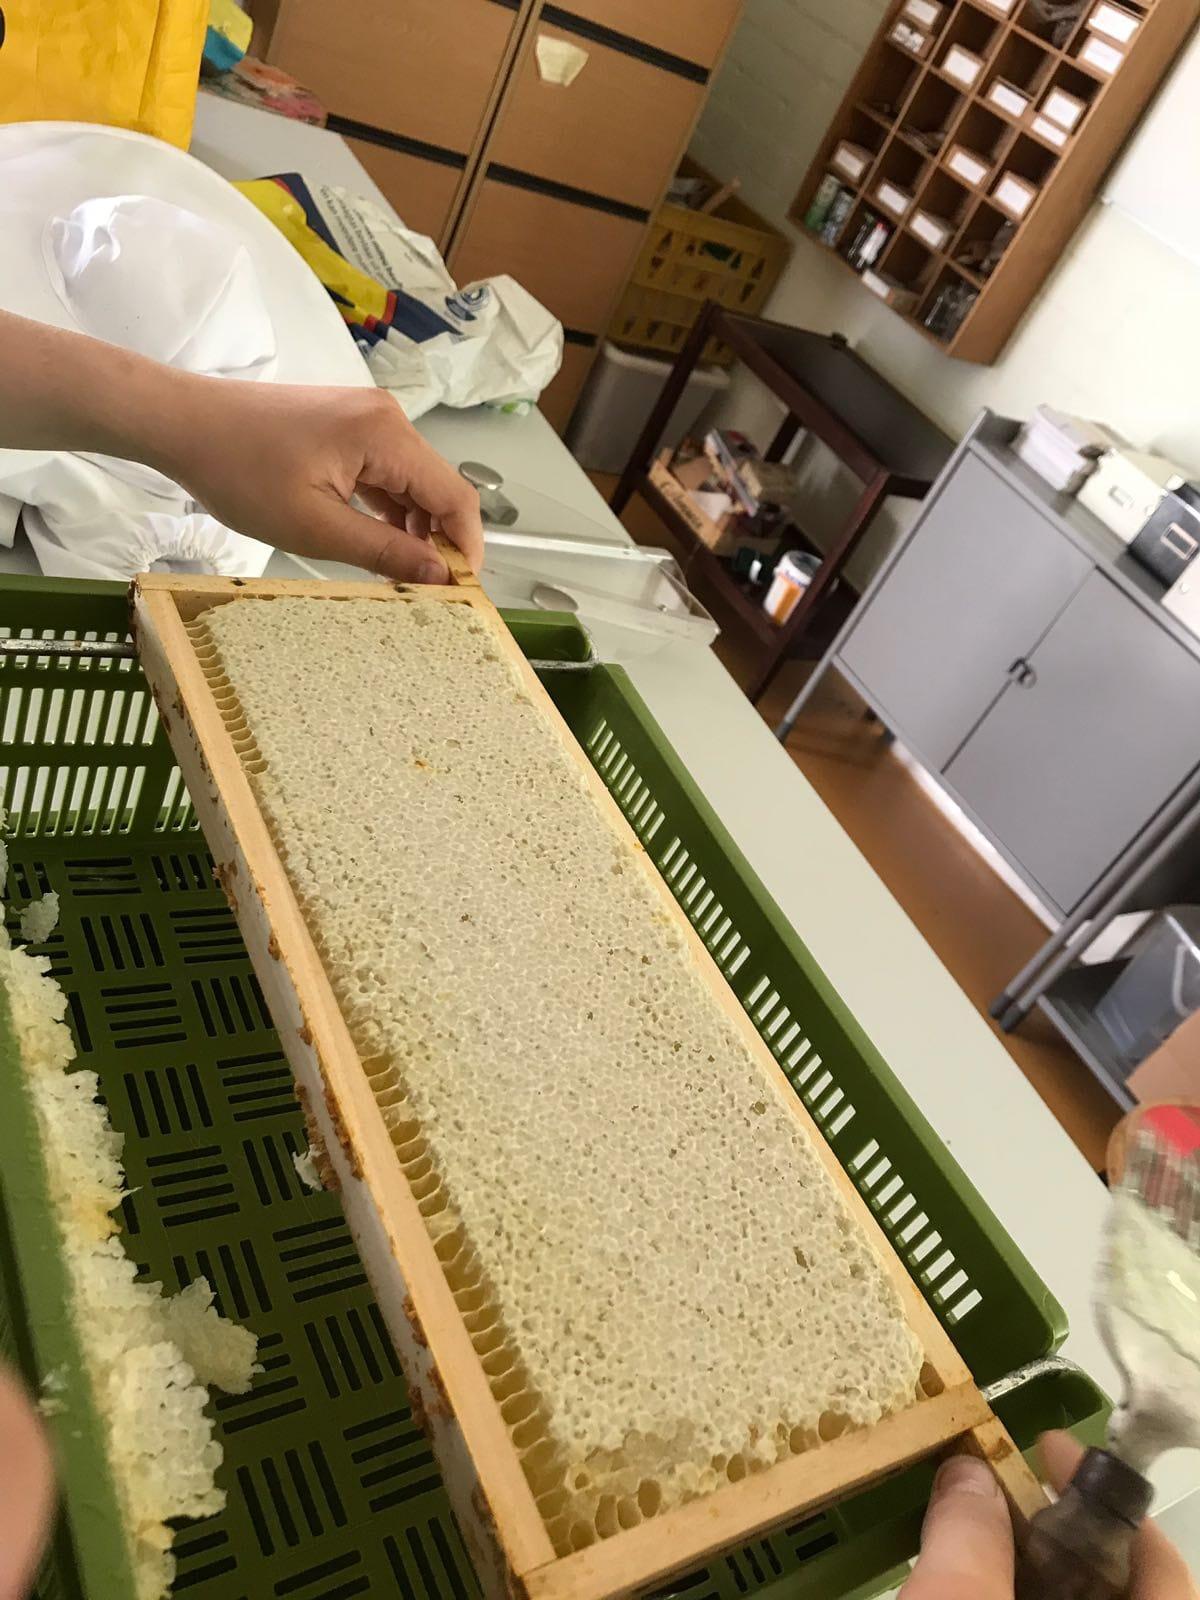 Verdeliet - Bijen - honing slingeren - foto 5.jpeg